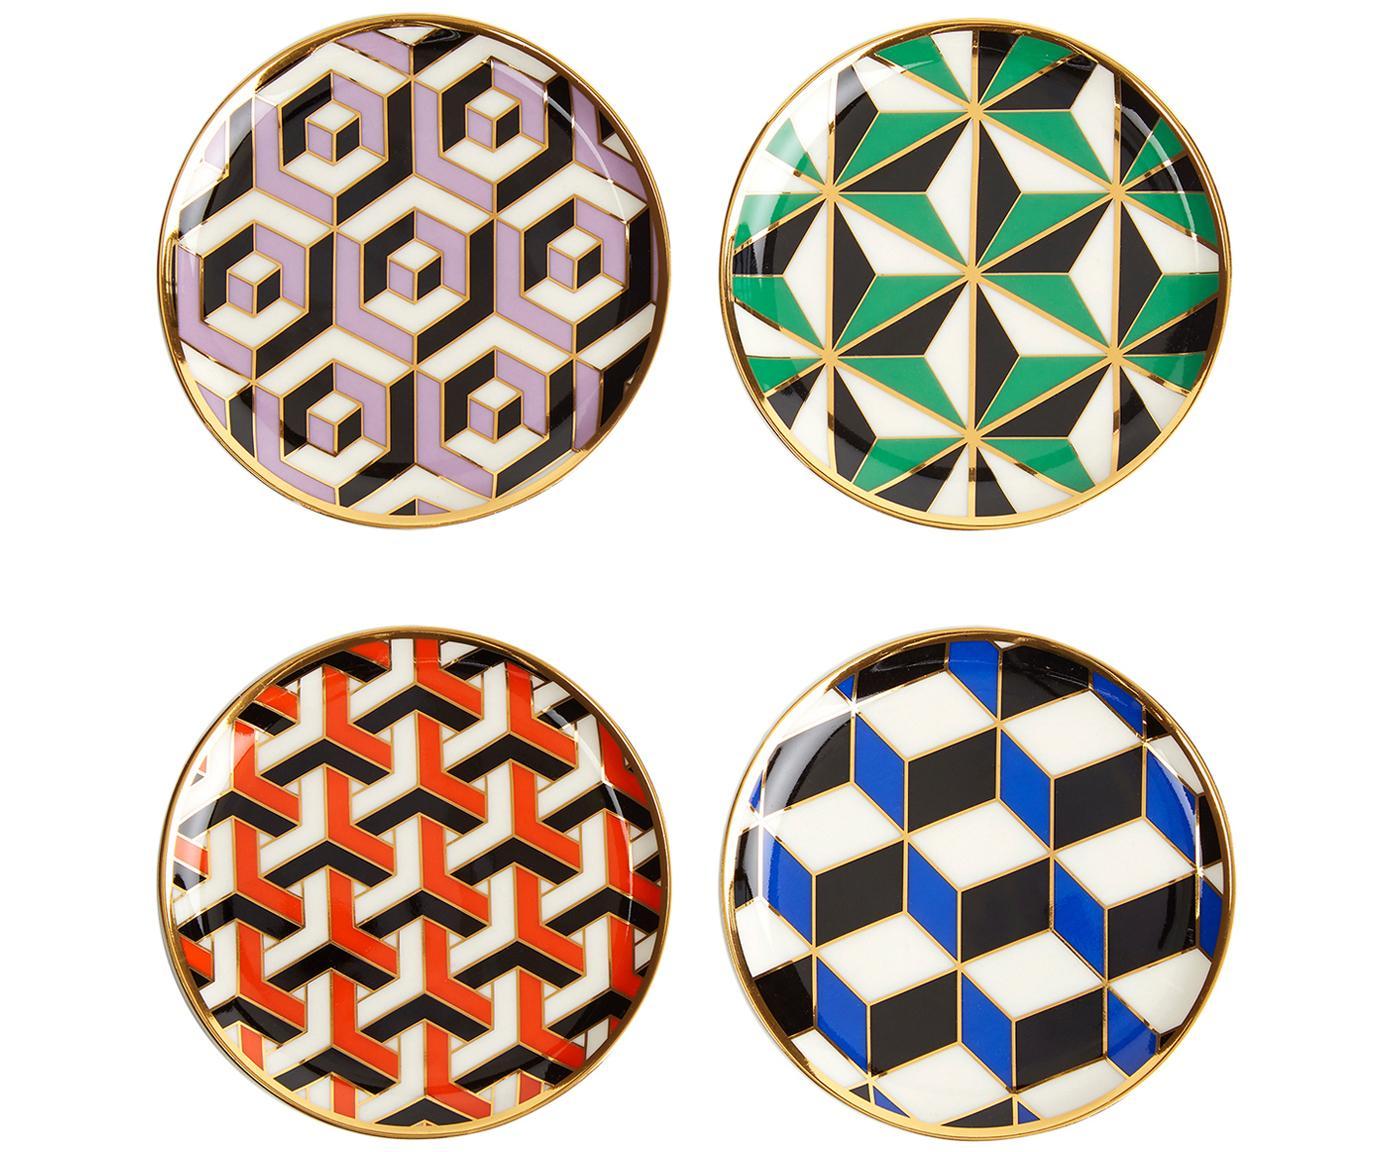 Set sottobicchieri Versailles, 4 pz., Porcellana, accenti dorati, Multicolore, accenti dorati, Ø 10 x A 1 cm